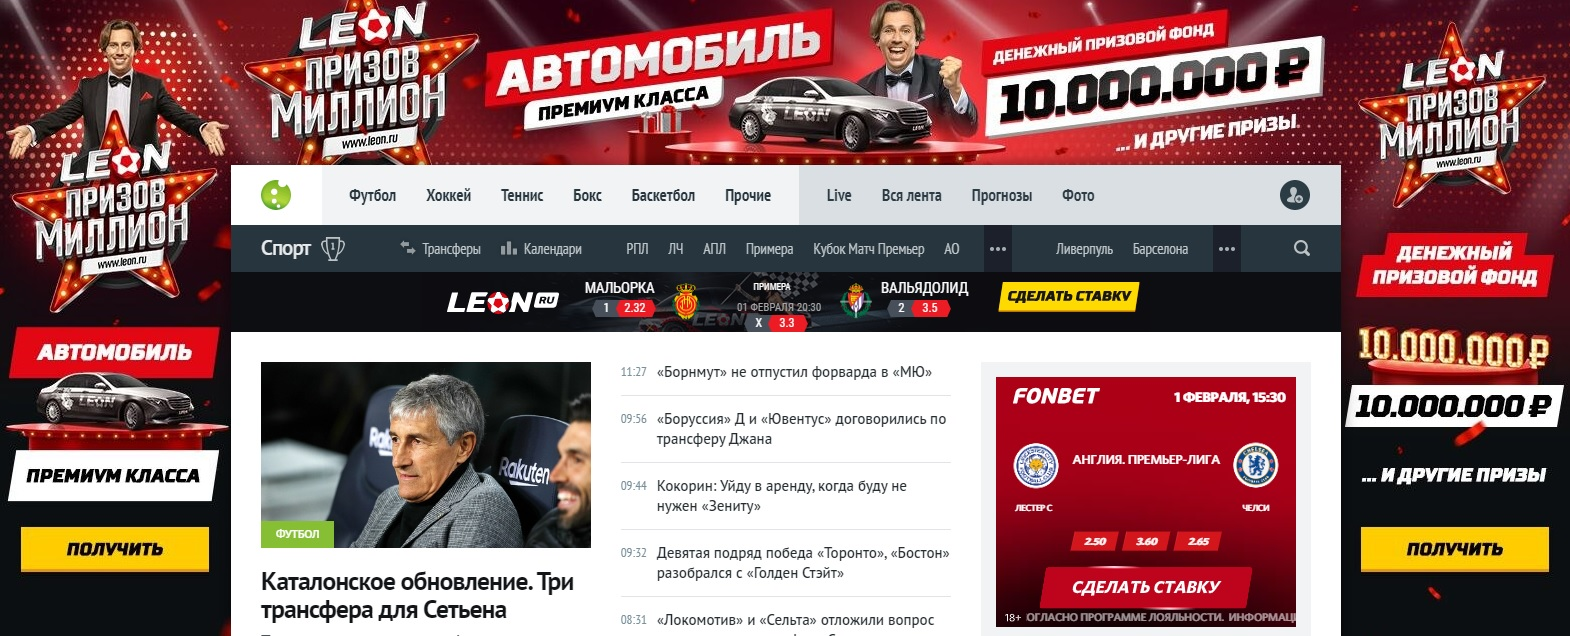 Внешний вид сайта Livesport.ru